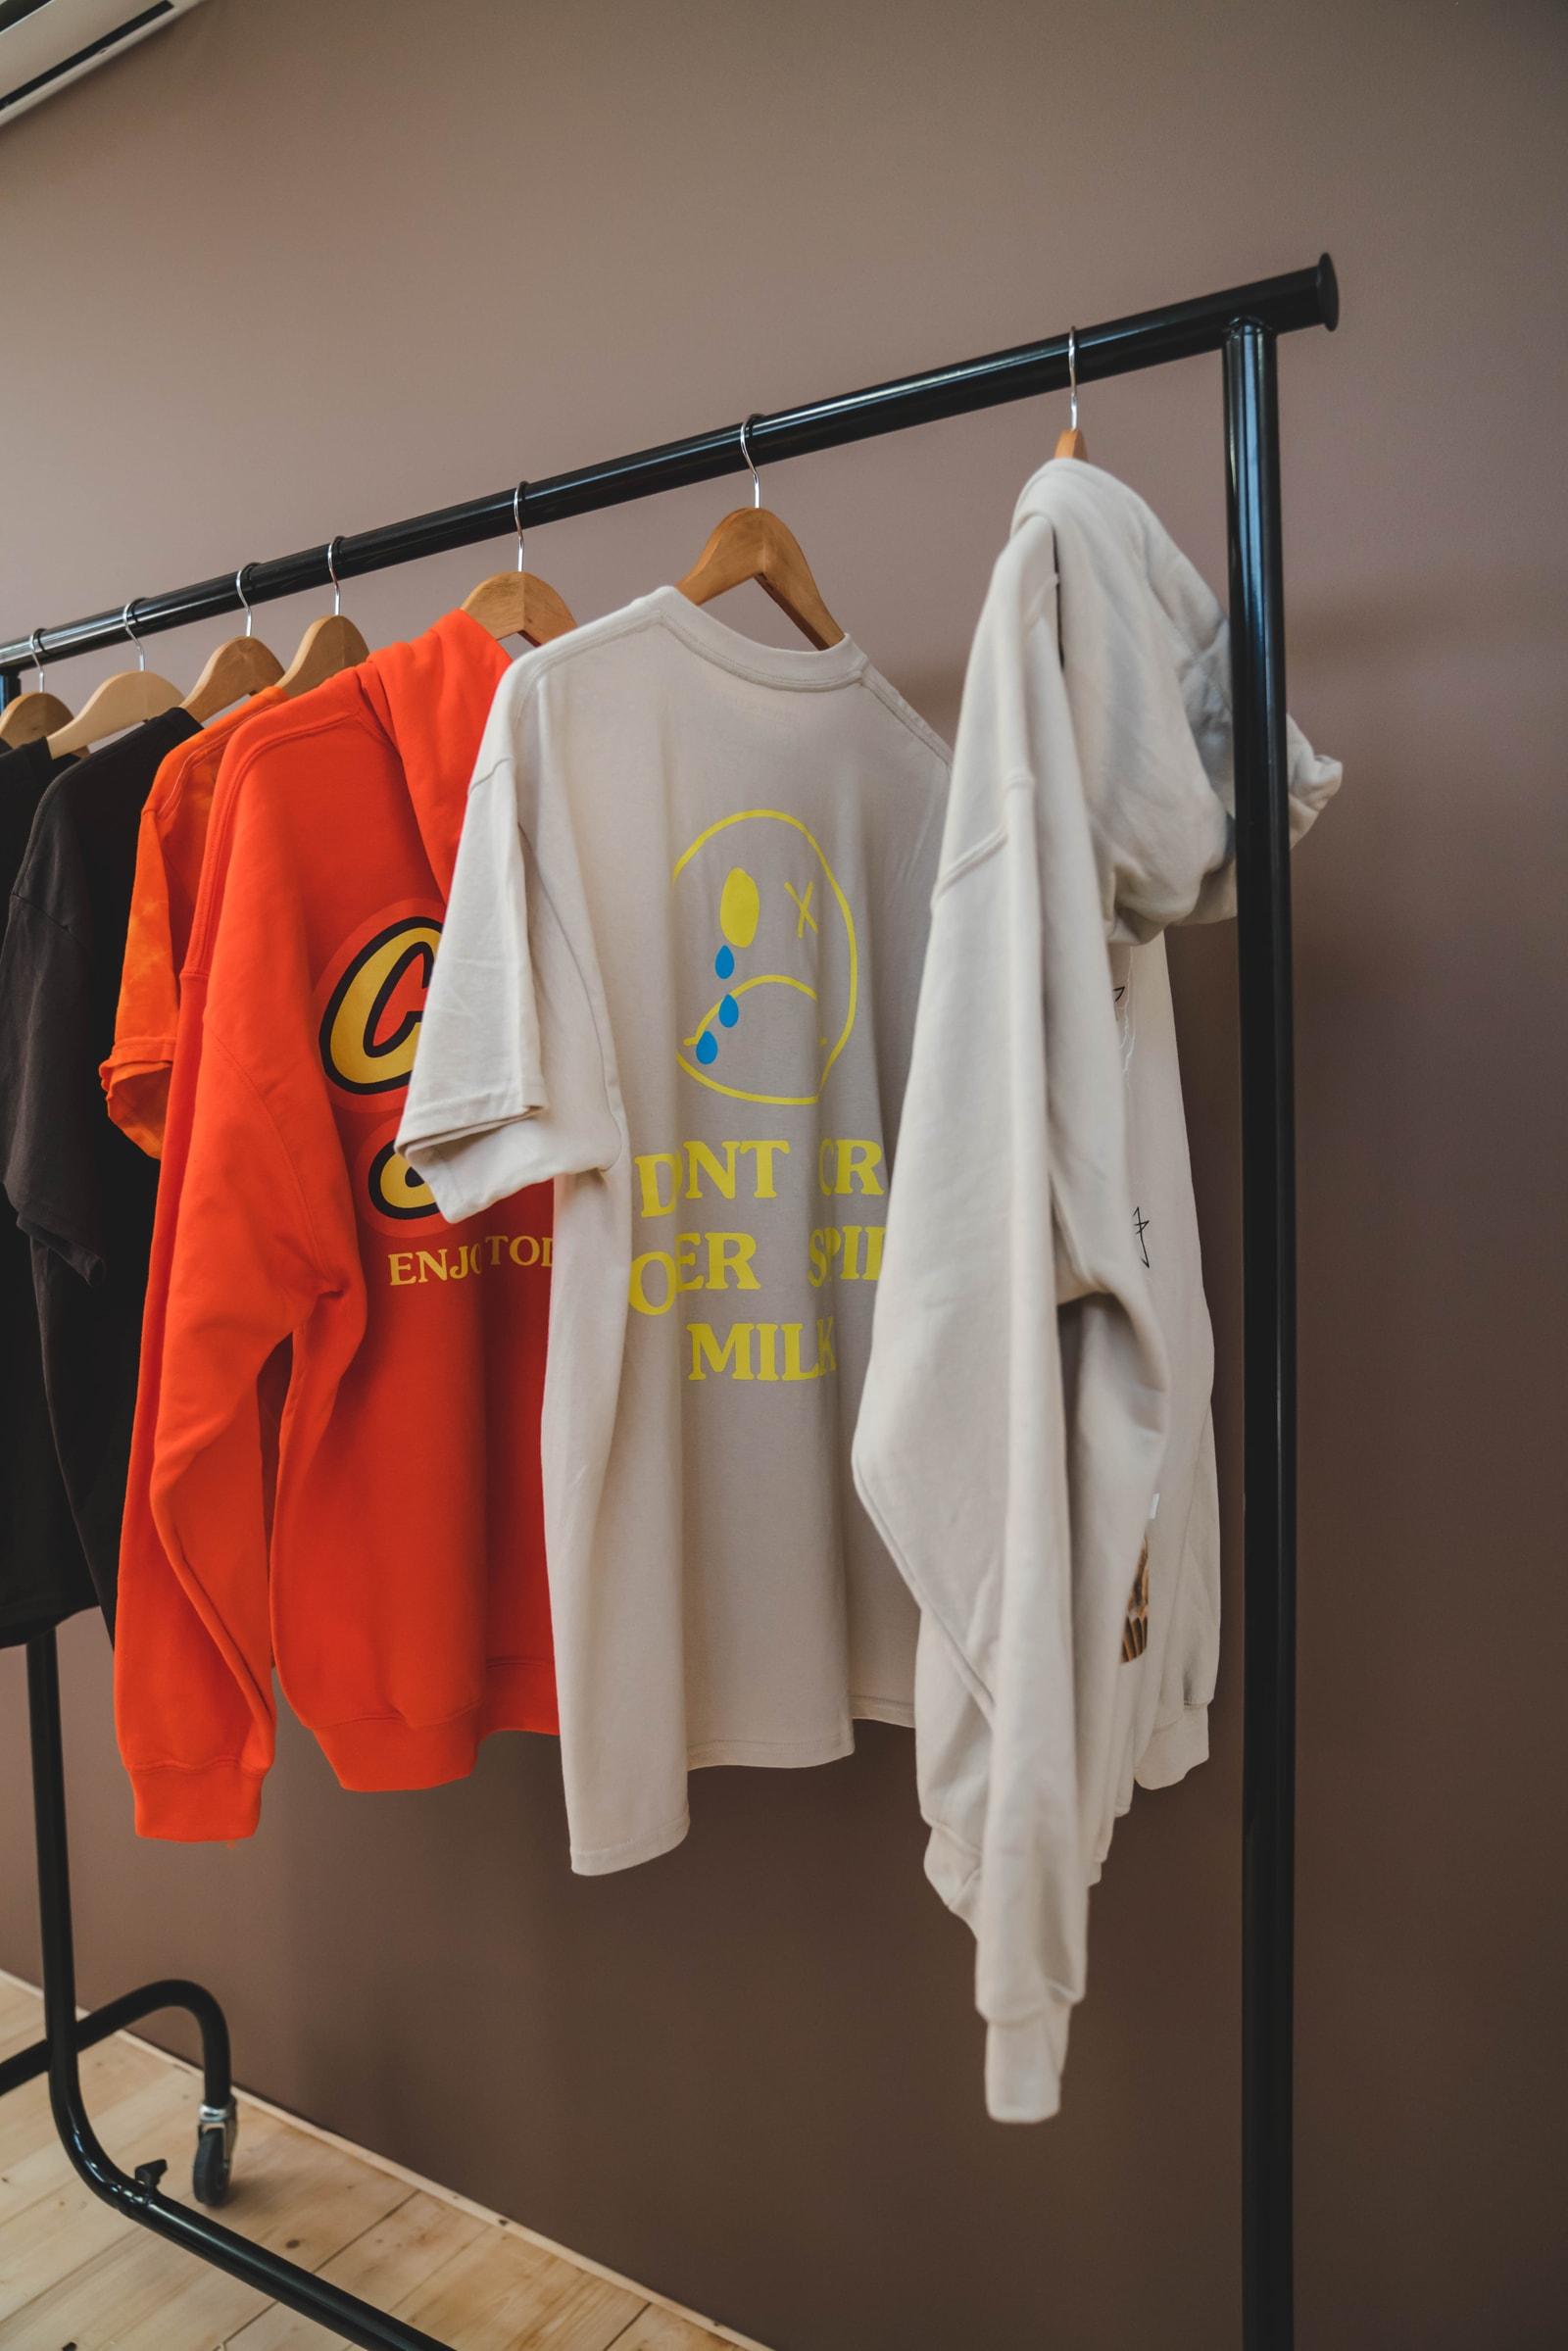 リージーズ・パフズ Travis Scott Reese's Puffs シリアル Cereal Paris Pop-Up Look Inside Special Boxes Spoon Bowl T shirt Hoodie General